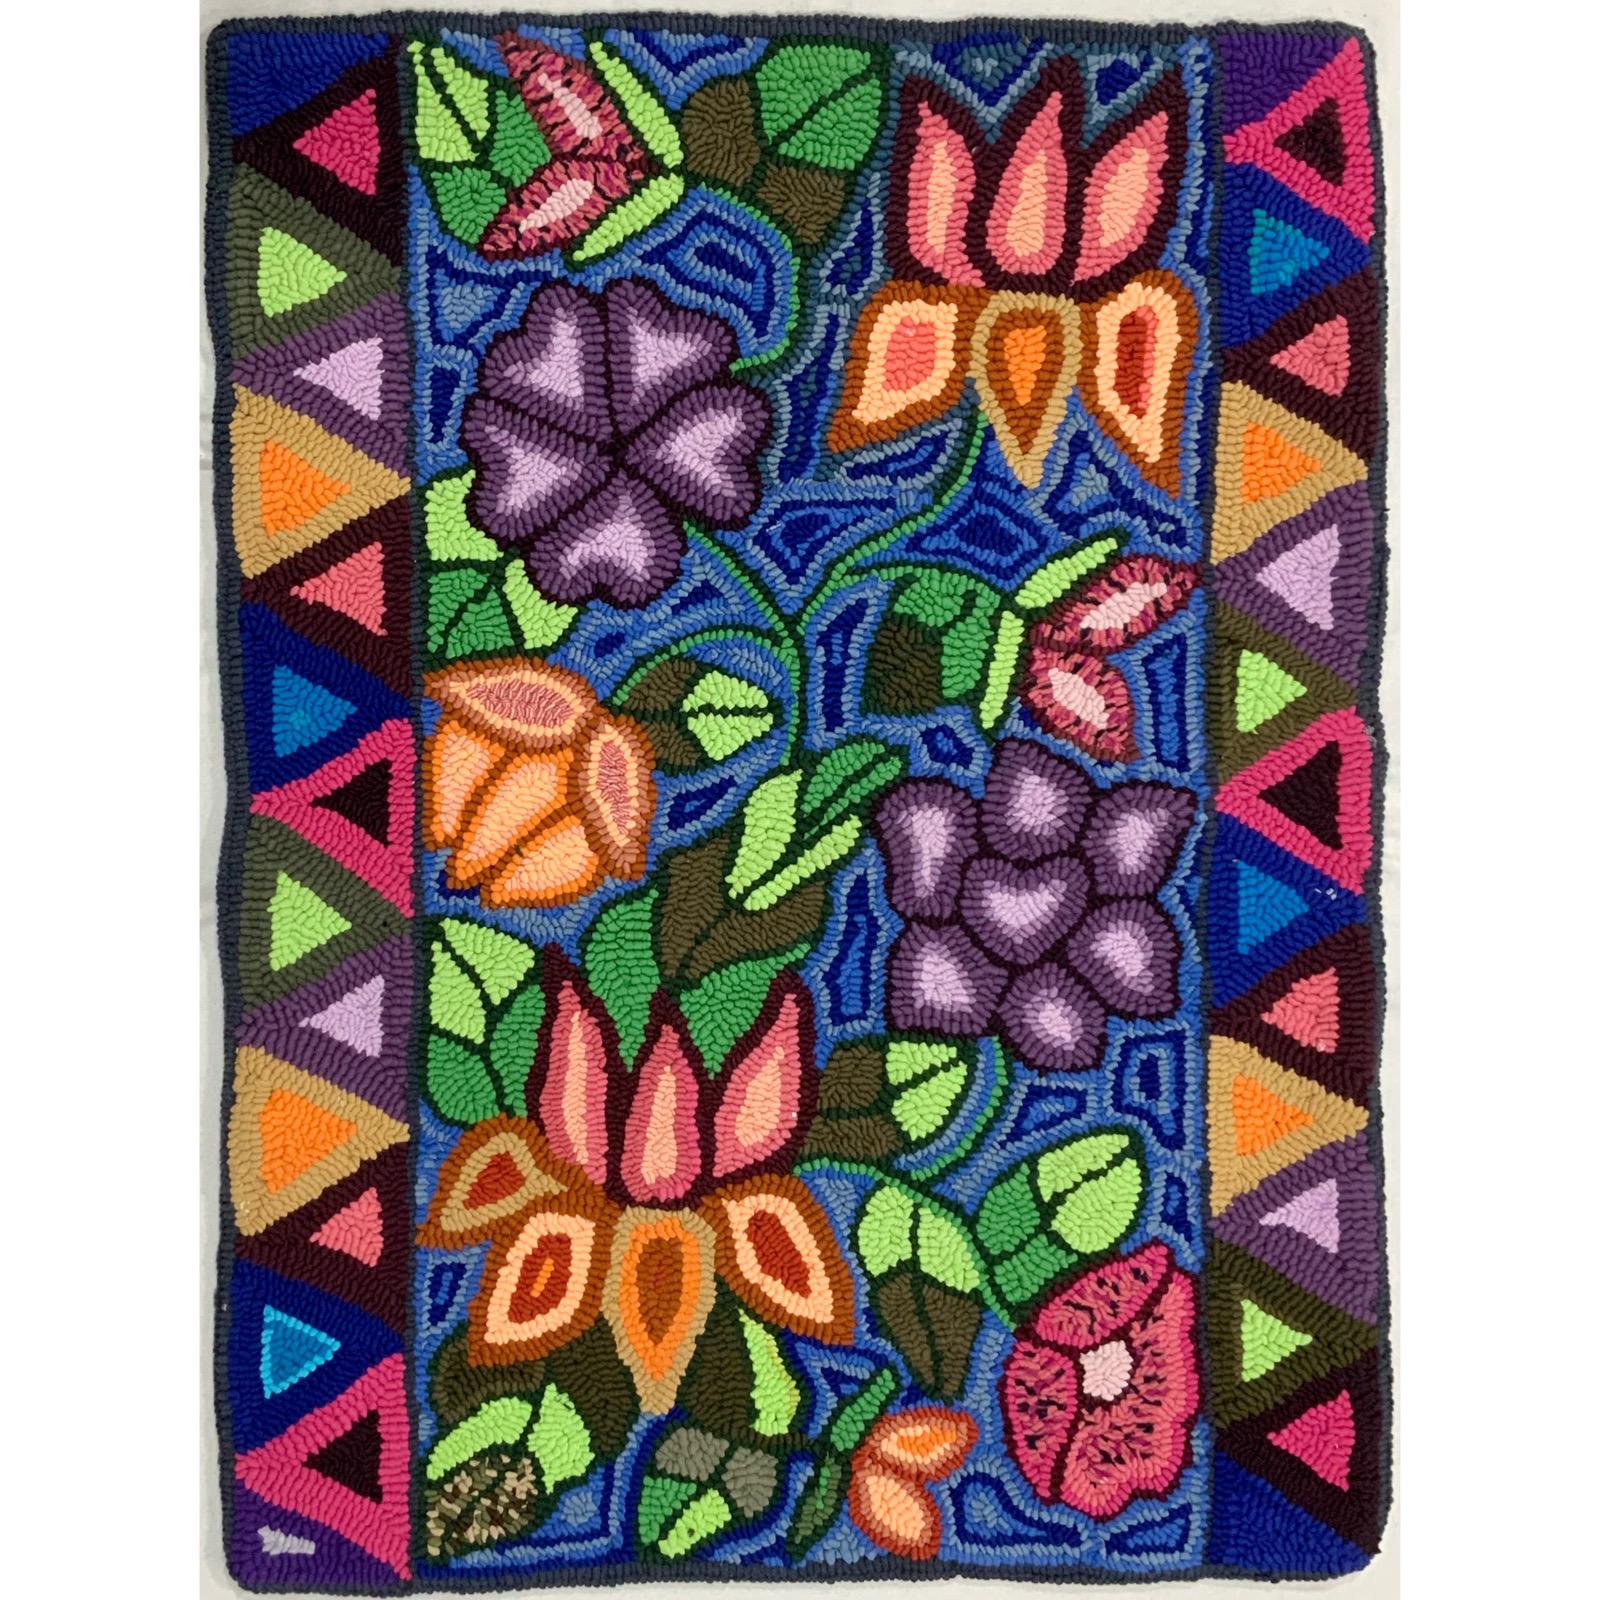 Medium Rug 24 X 32 Multicolores